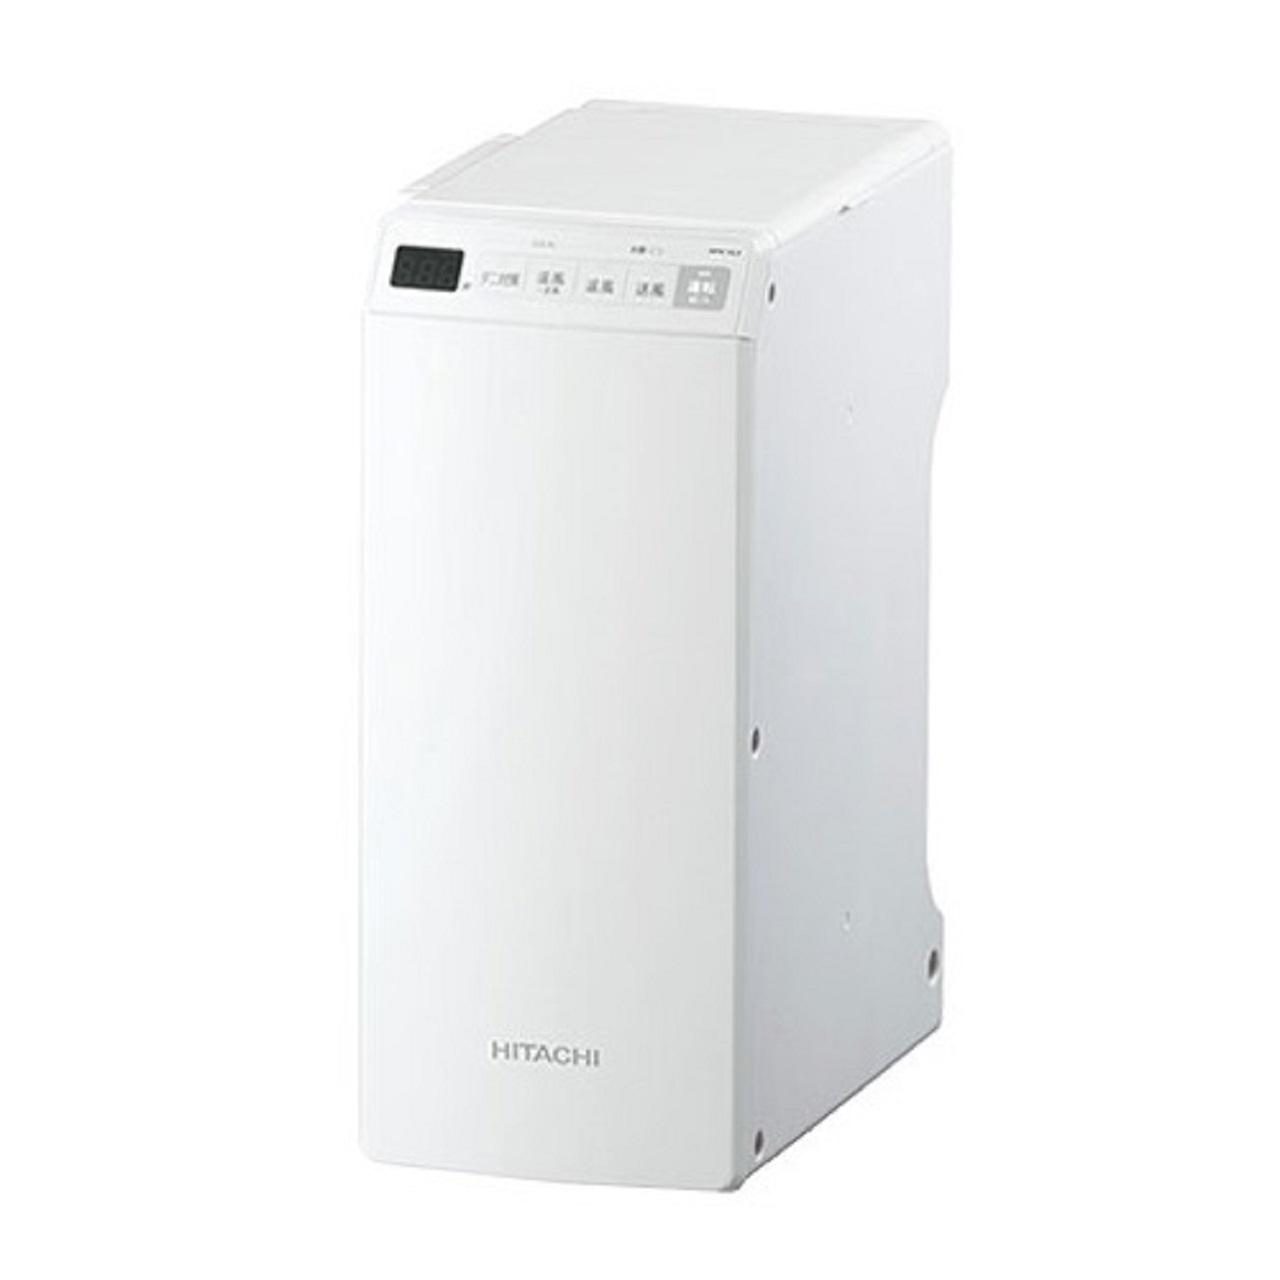 日立アッとドライHFK-VL3コンパクトタイプふとん乾燥機